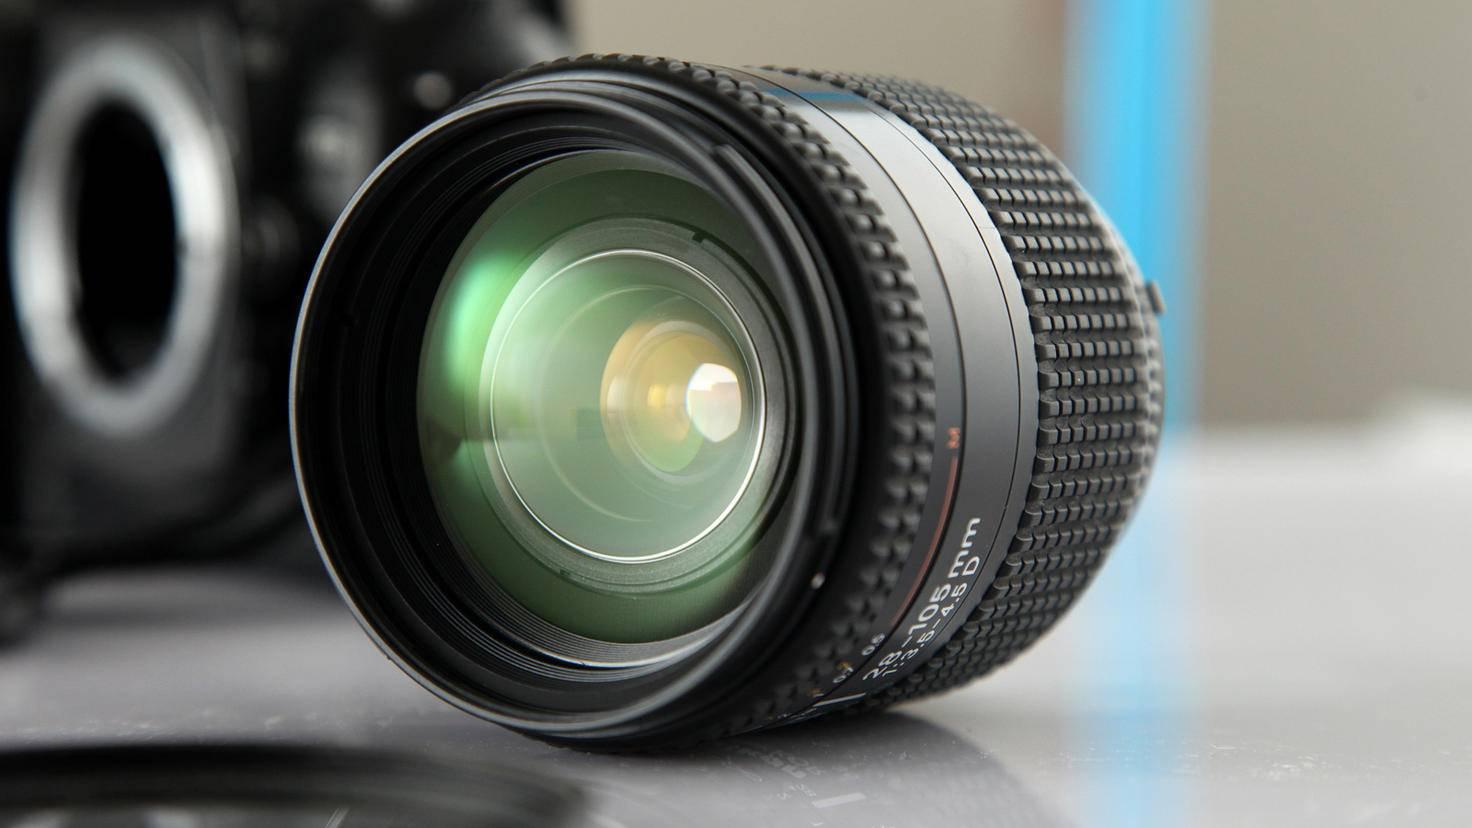 Lens lens reflex camera